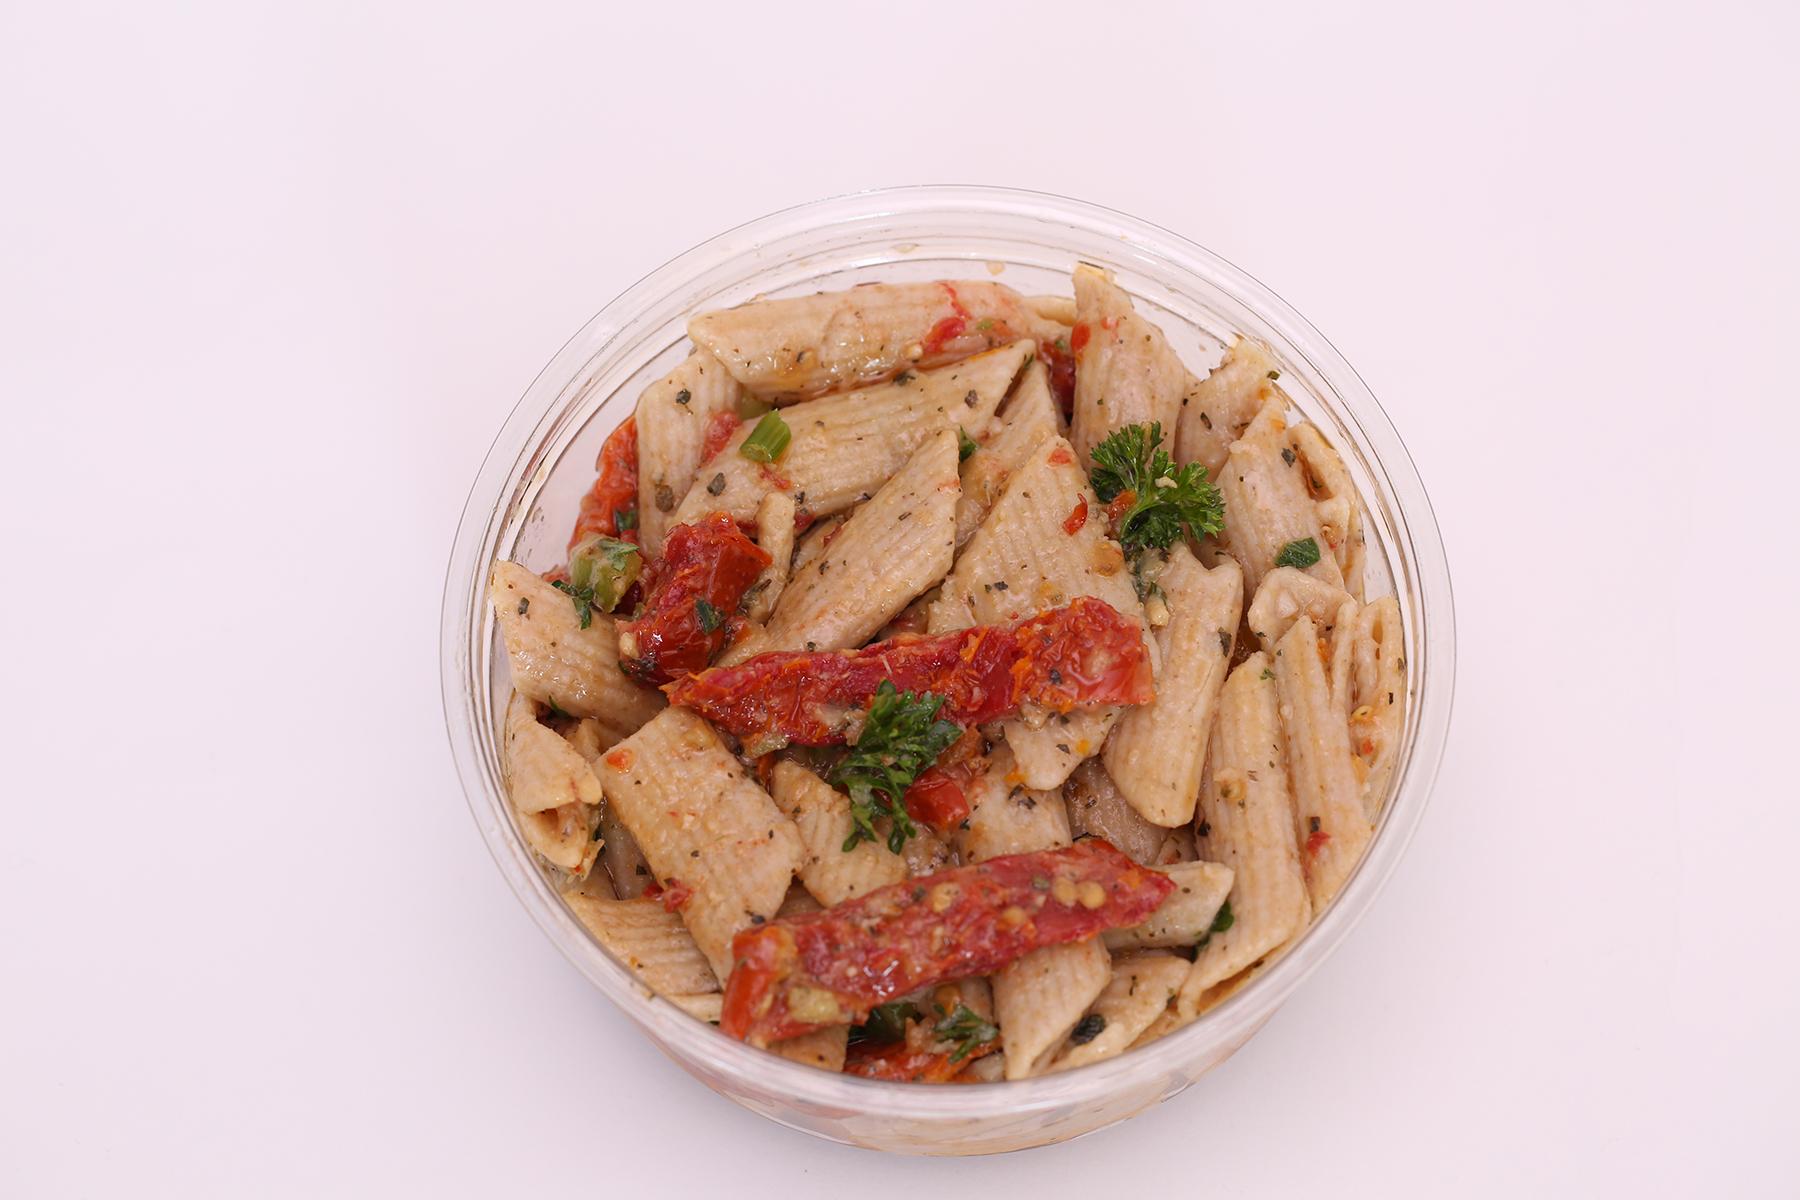 Salad Penne Nicoise